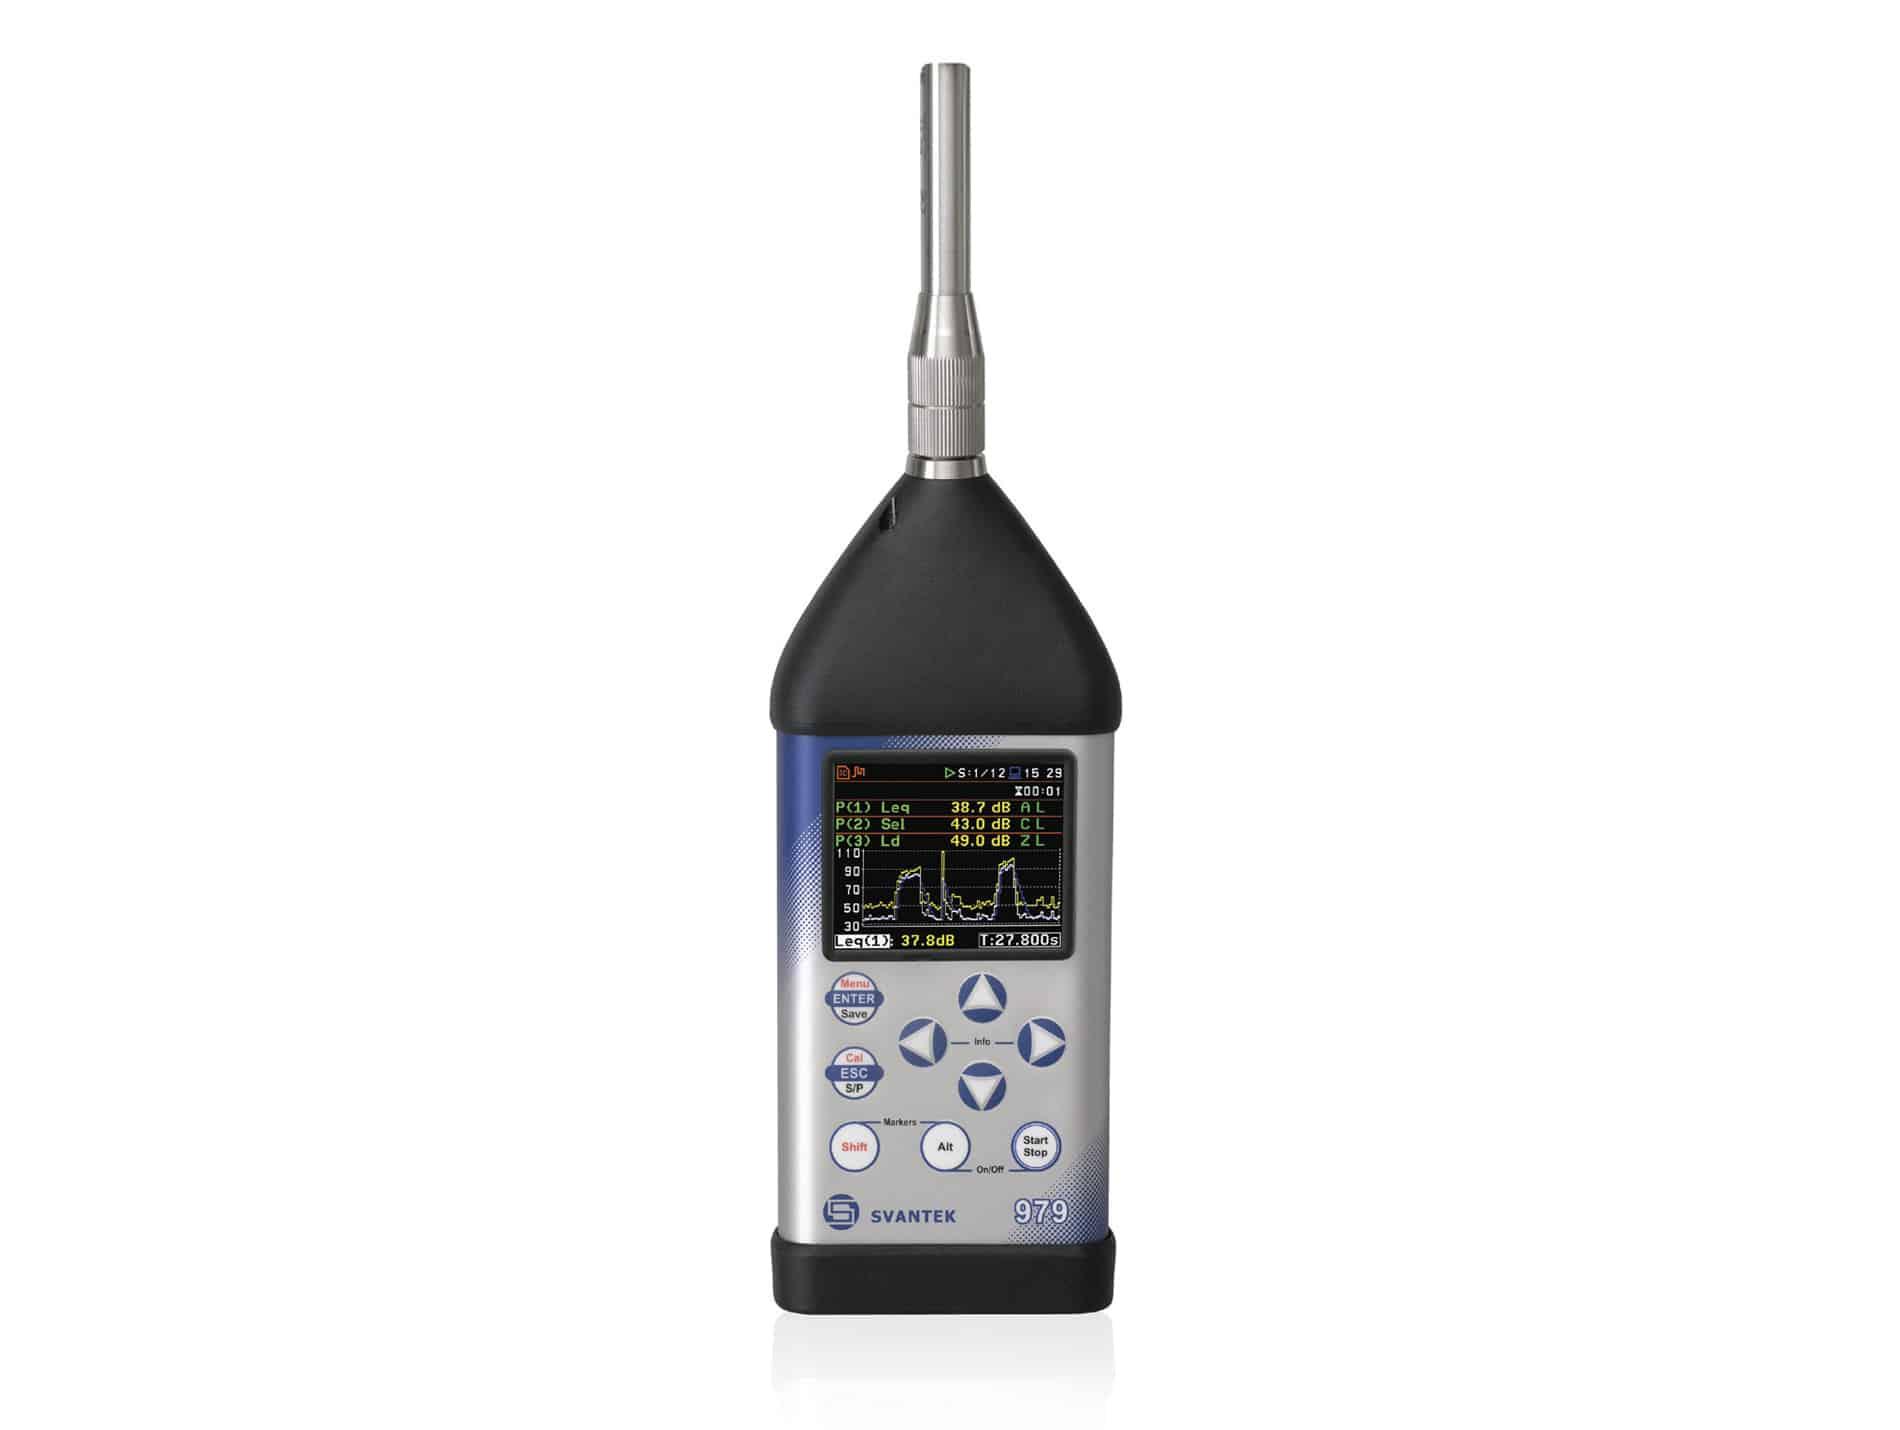 Svantek miernik poziomu dźwięku i drgań